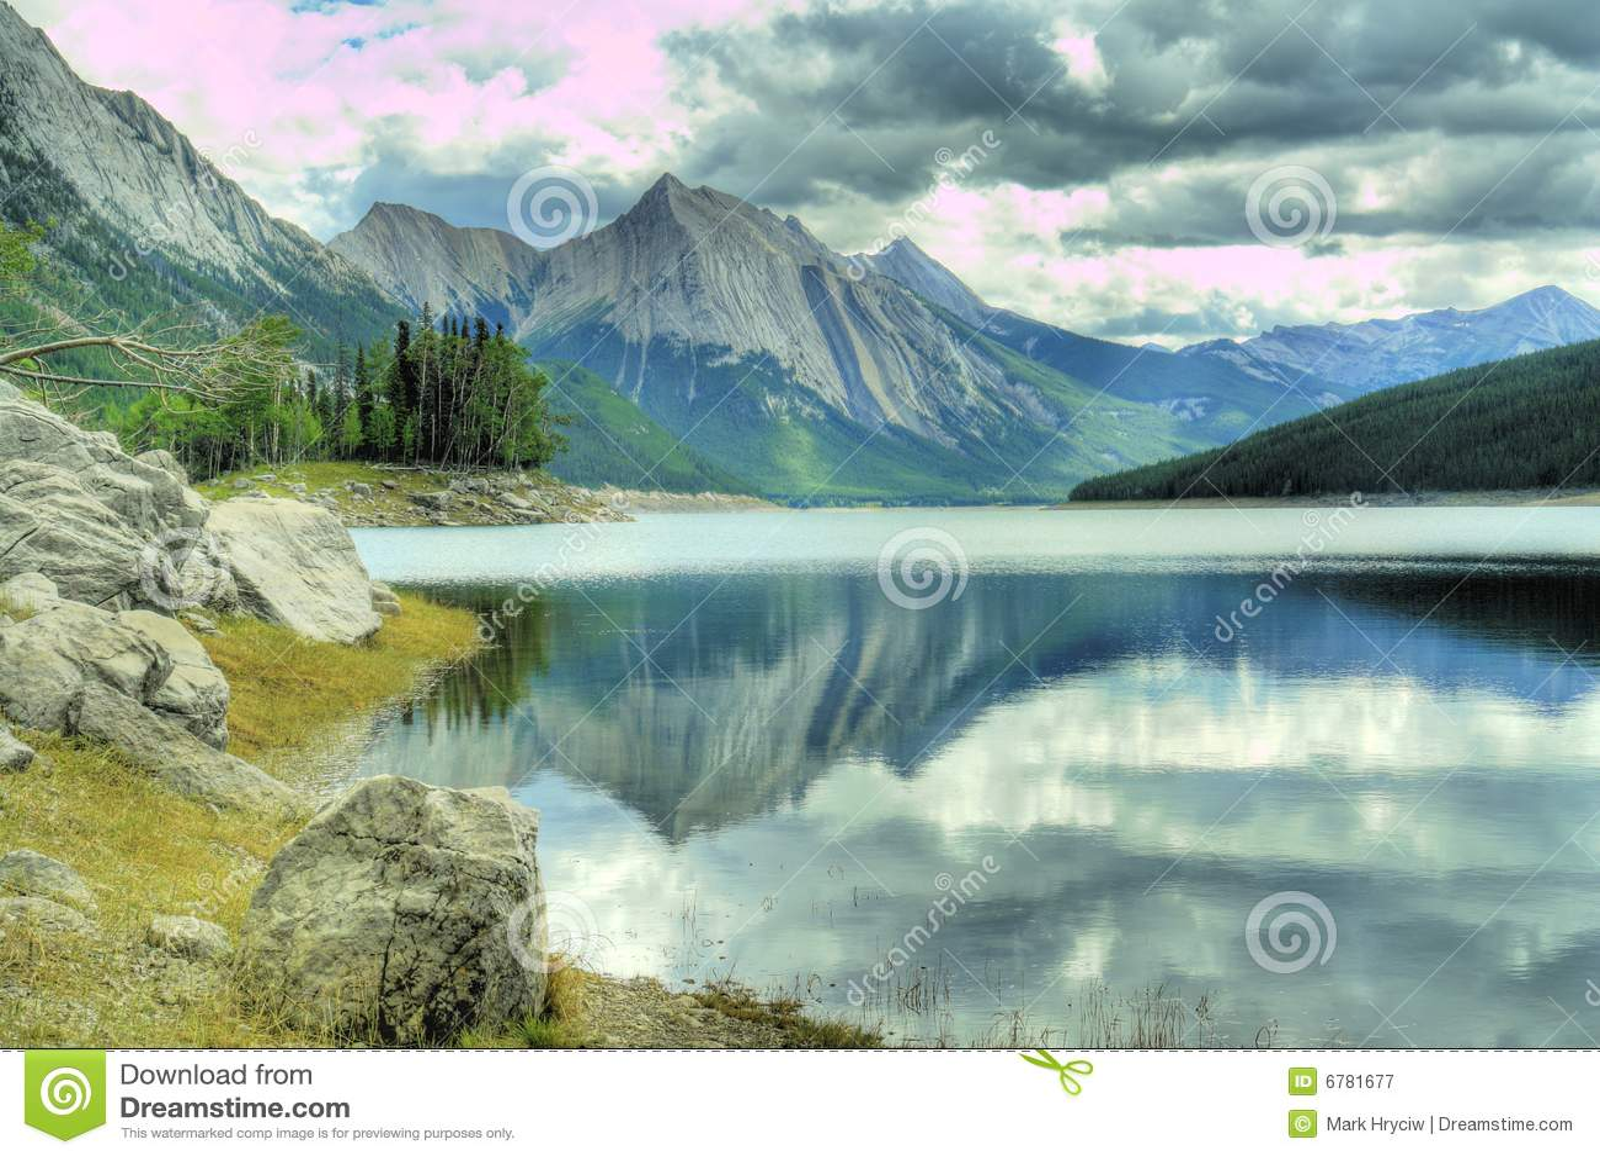 Kanada jasper